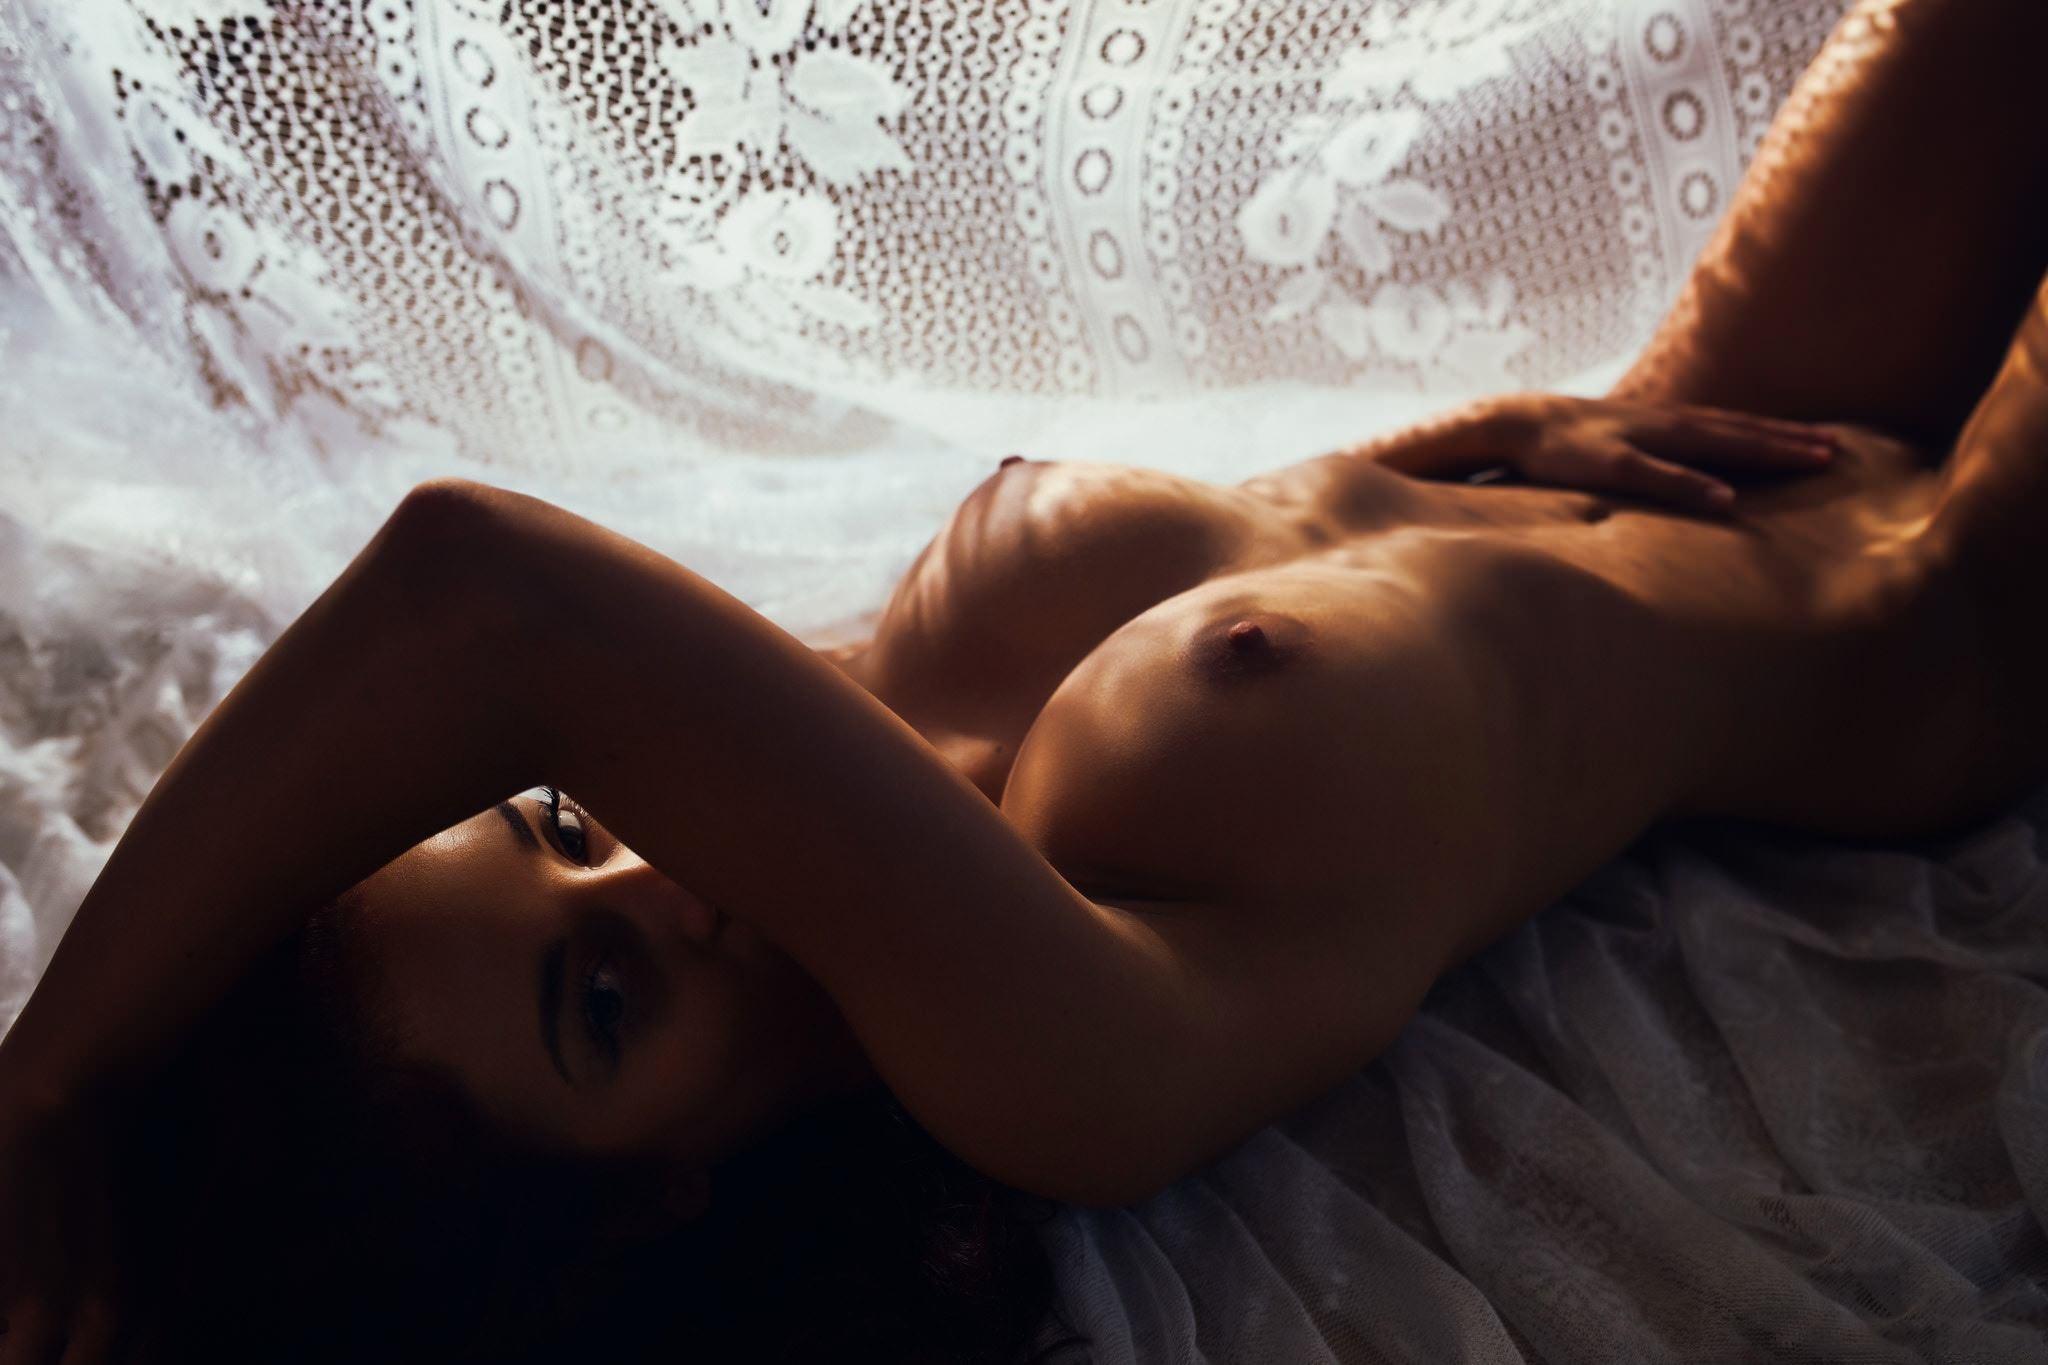 Фото Голая девушка ласкает животик, рука тянется к промежности, классные сиськи, соски, скачать картинку бесплатно